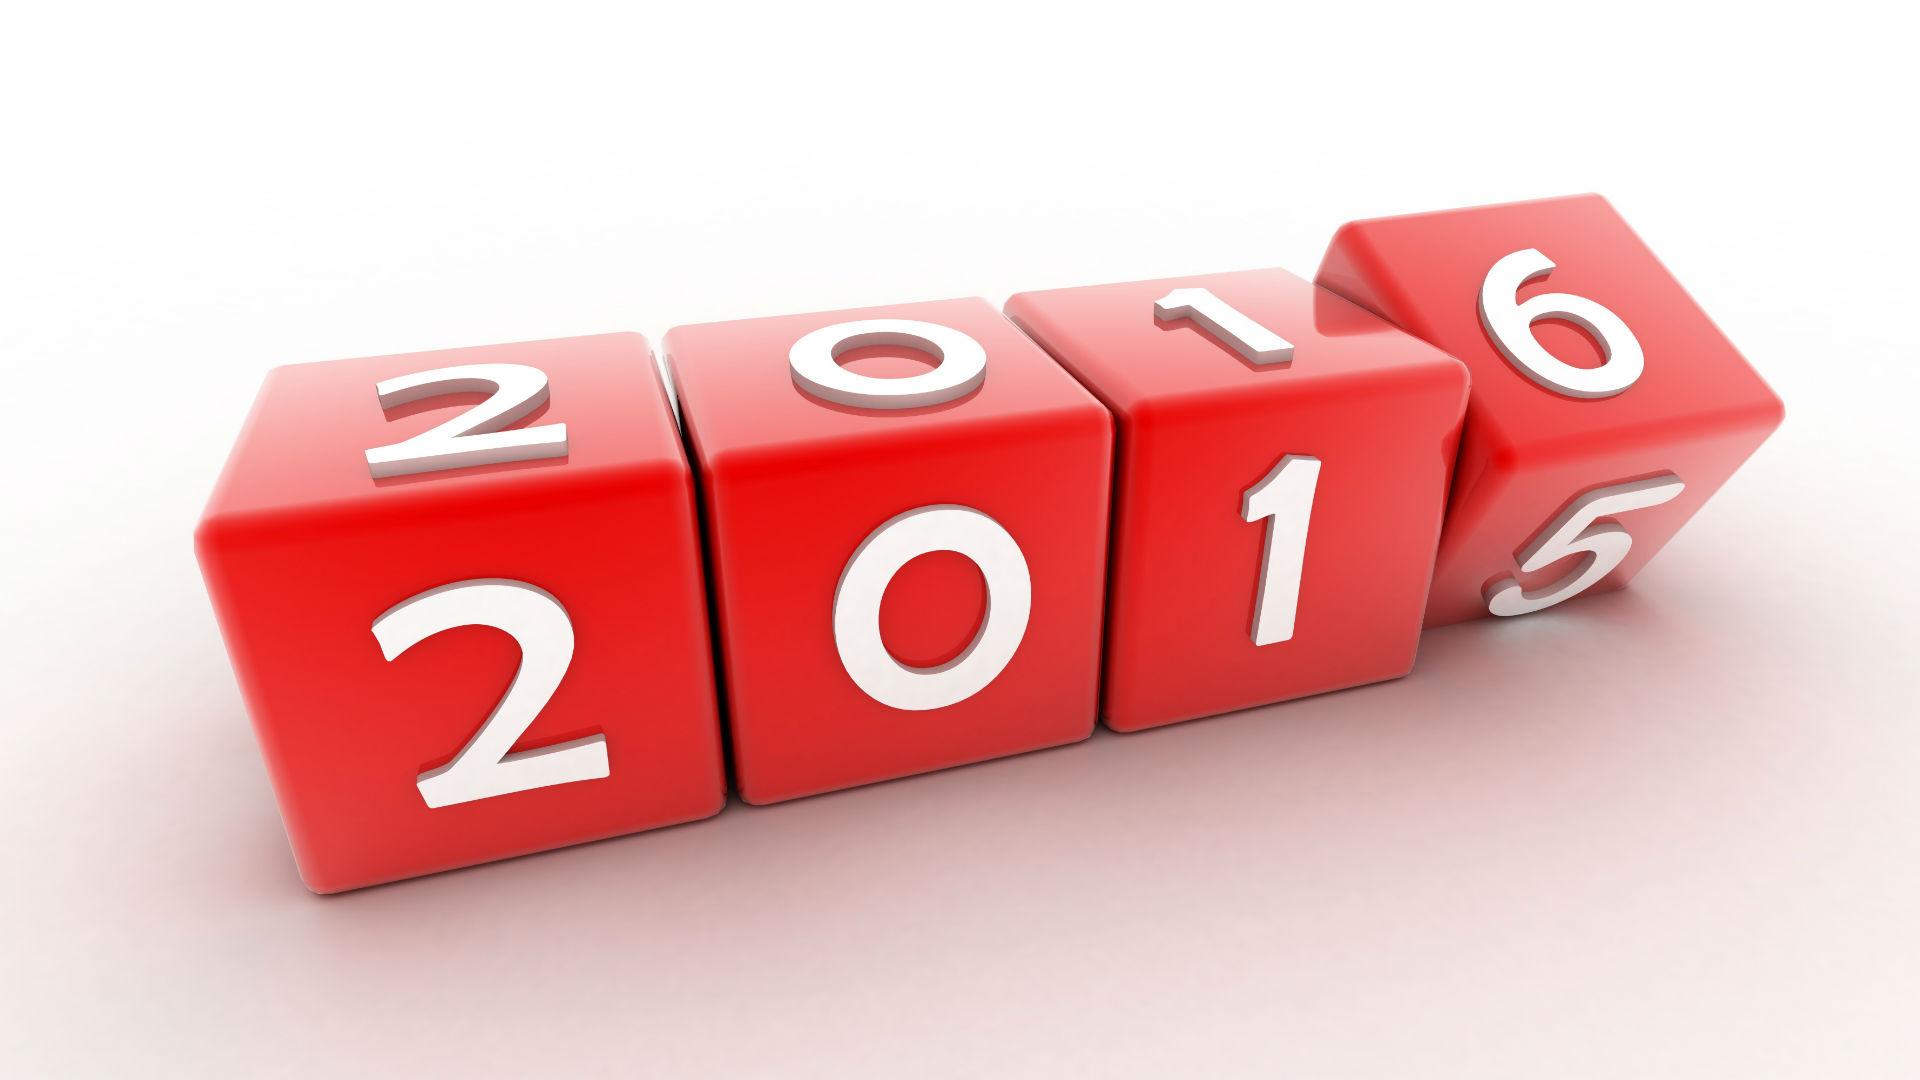 2016: Μια χρονιά με κινδύνους αλλά και θετικές προοπτικές